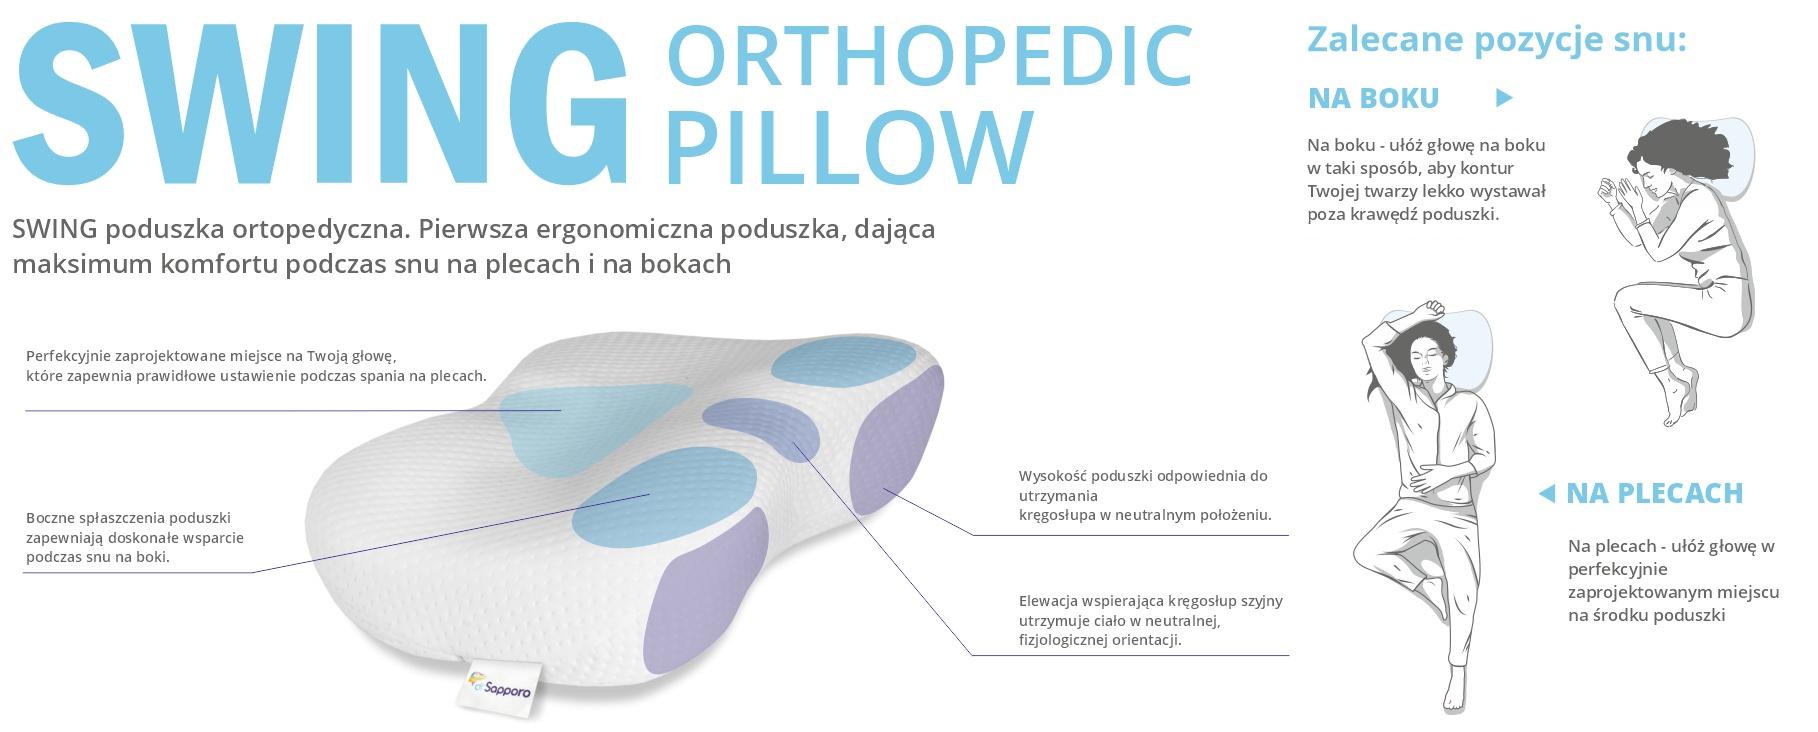 poduszka ortopedyczna swing